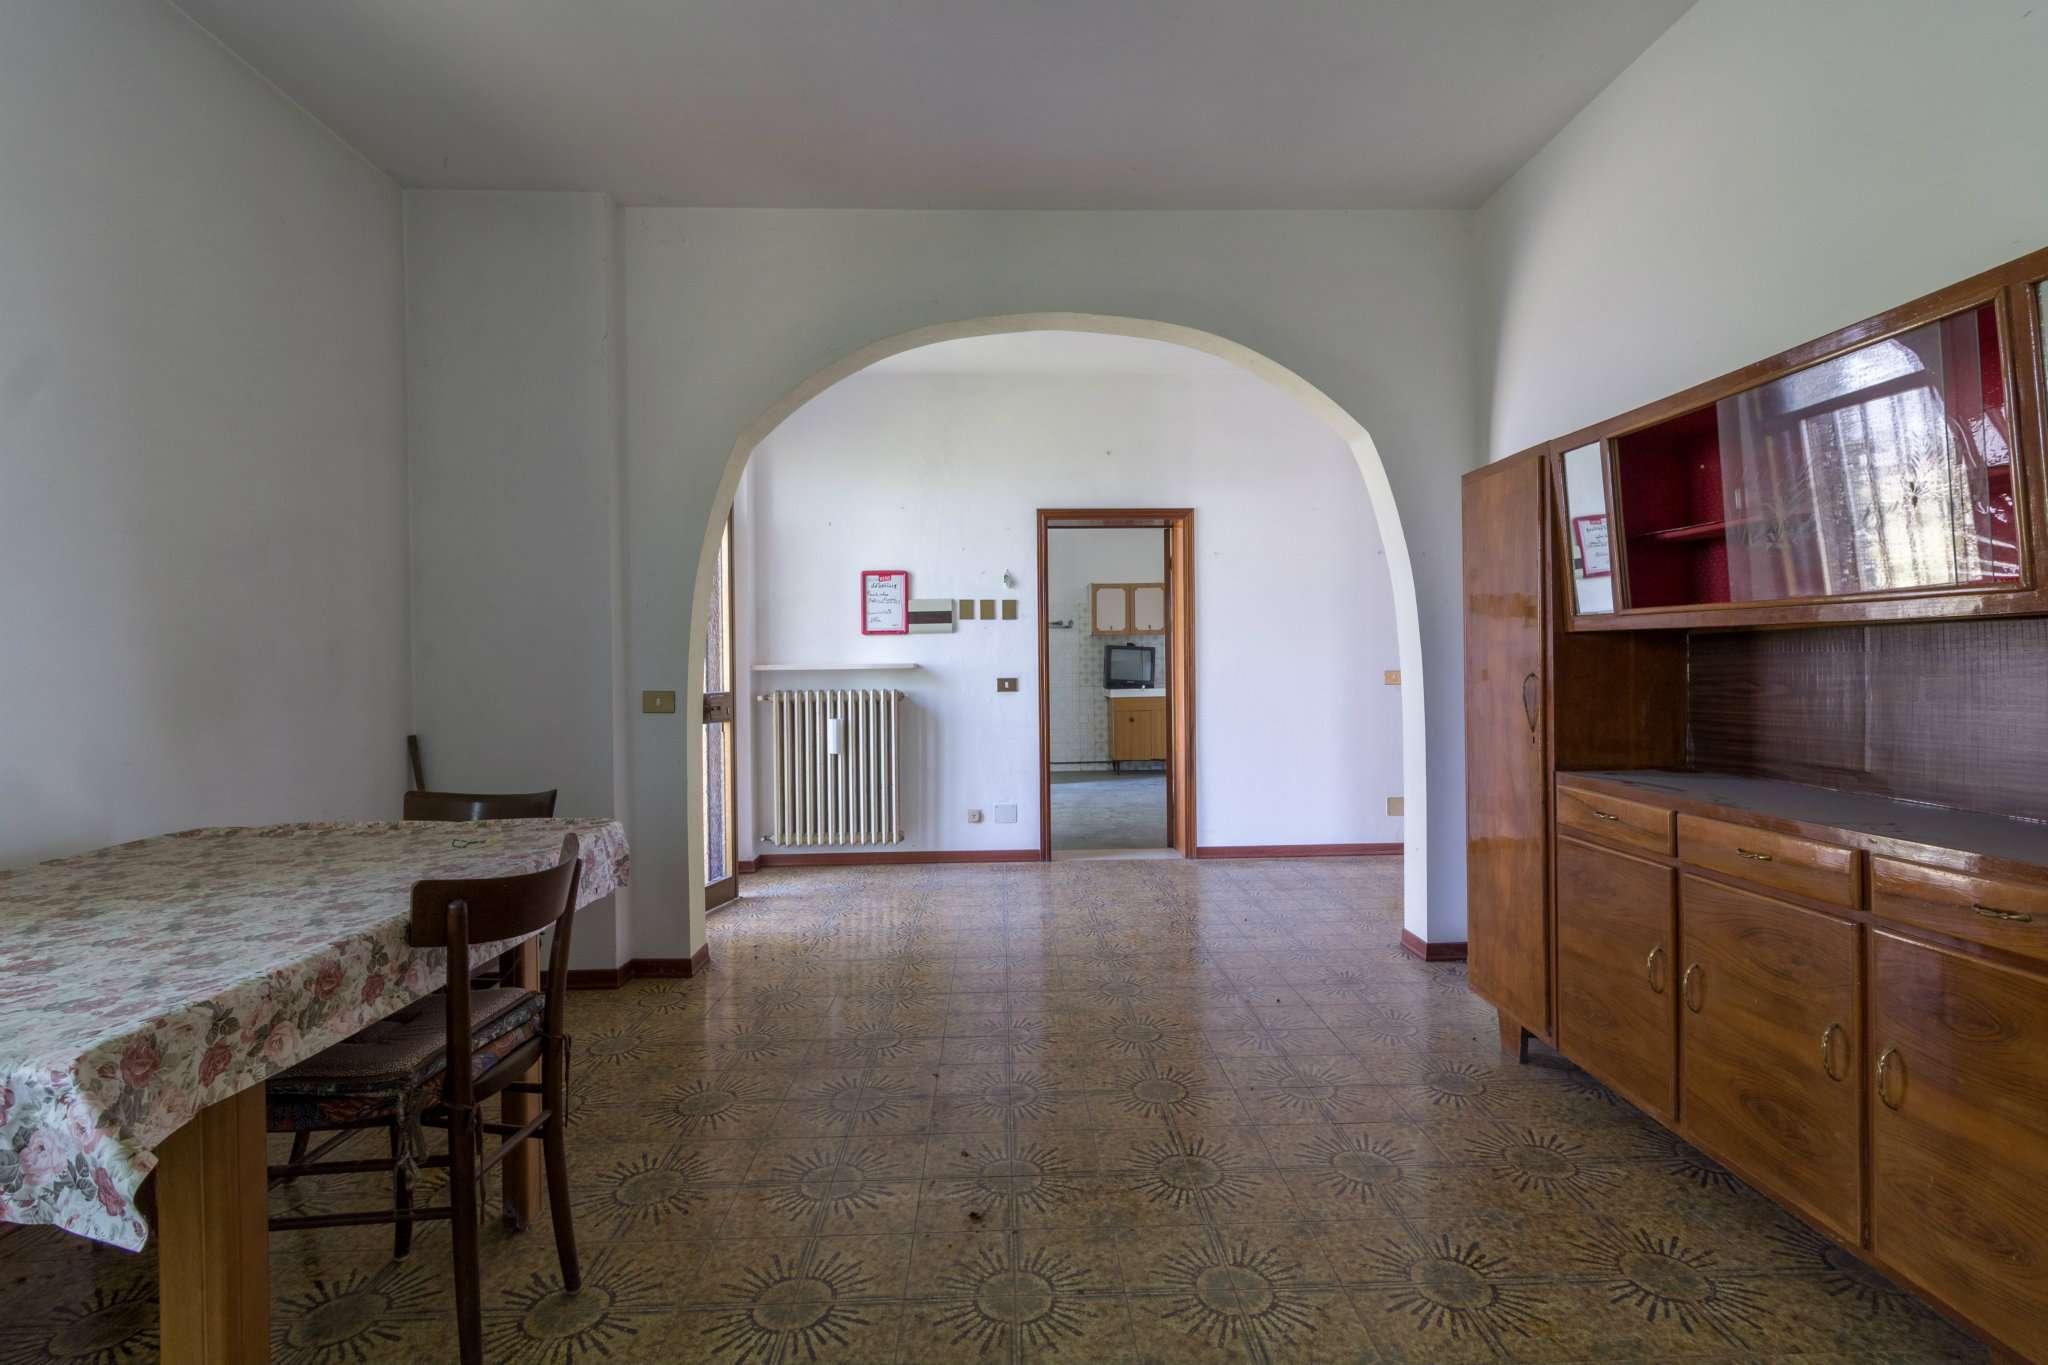 Soluzione Semindipendente in vendita a Bertinoro, 3 locali, prezzo € 155.000 | Cambio Casa.it